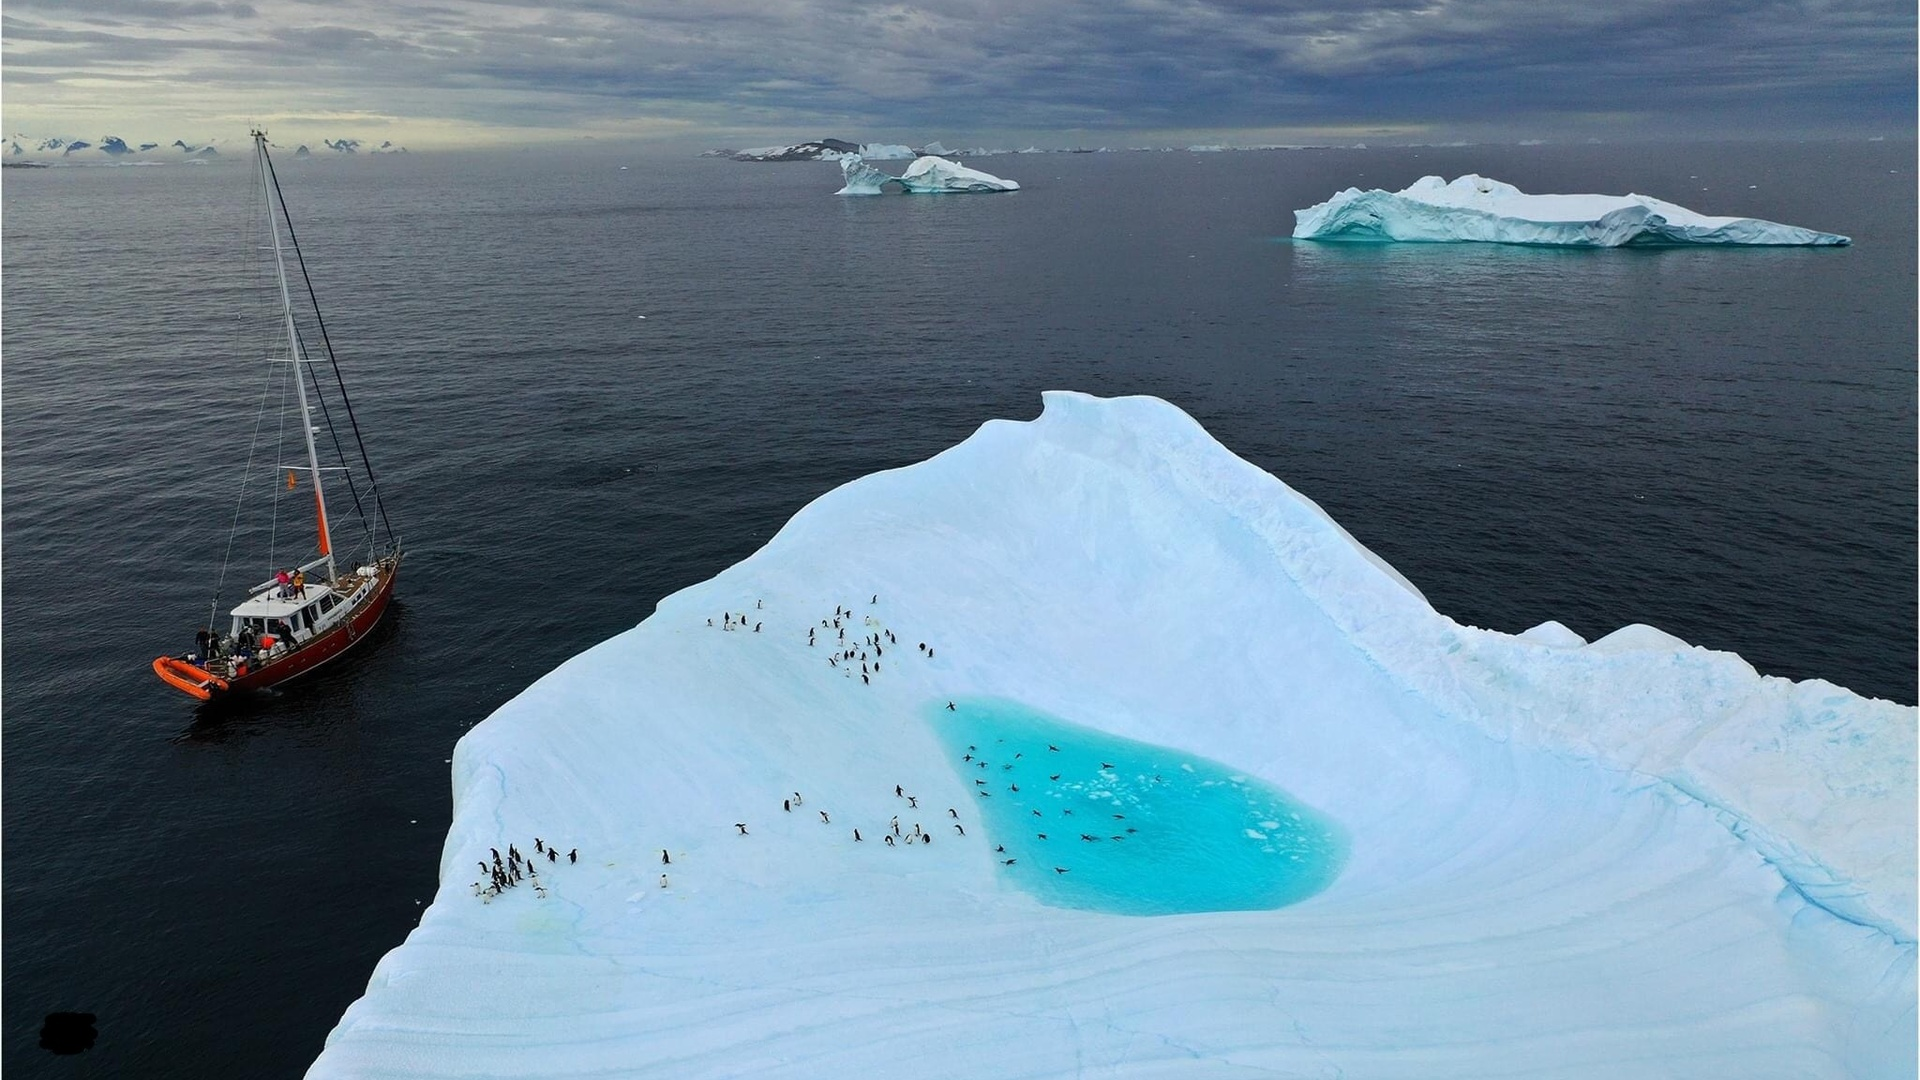 айсберг, яхта, экстрим, отдых